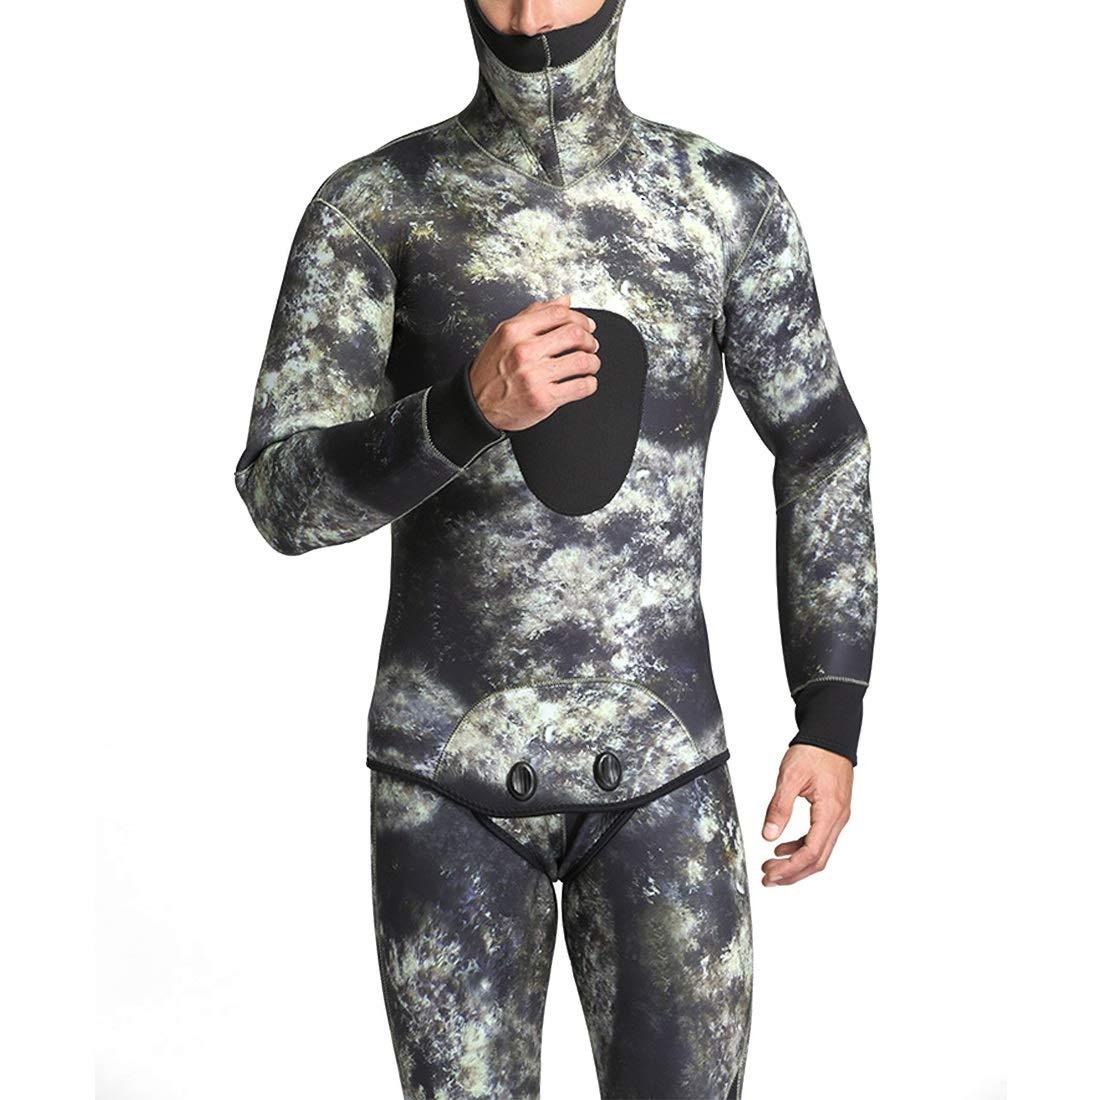 CeSuoLiBengDi ウェットスーツ サーフィン メンズ 水着 ダイビング サーフィン 迷彩服 XX-Large 日焼け止め : 吸汗速乾 防寒 保温性優れる 長袖 (Color : 2, サイズ : M) B07G77H7HP XX-Large|2 2 XX-Large, オオサトマチ:8e45234b --- sharoshka.org